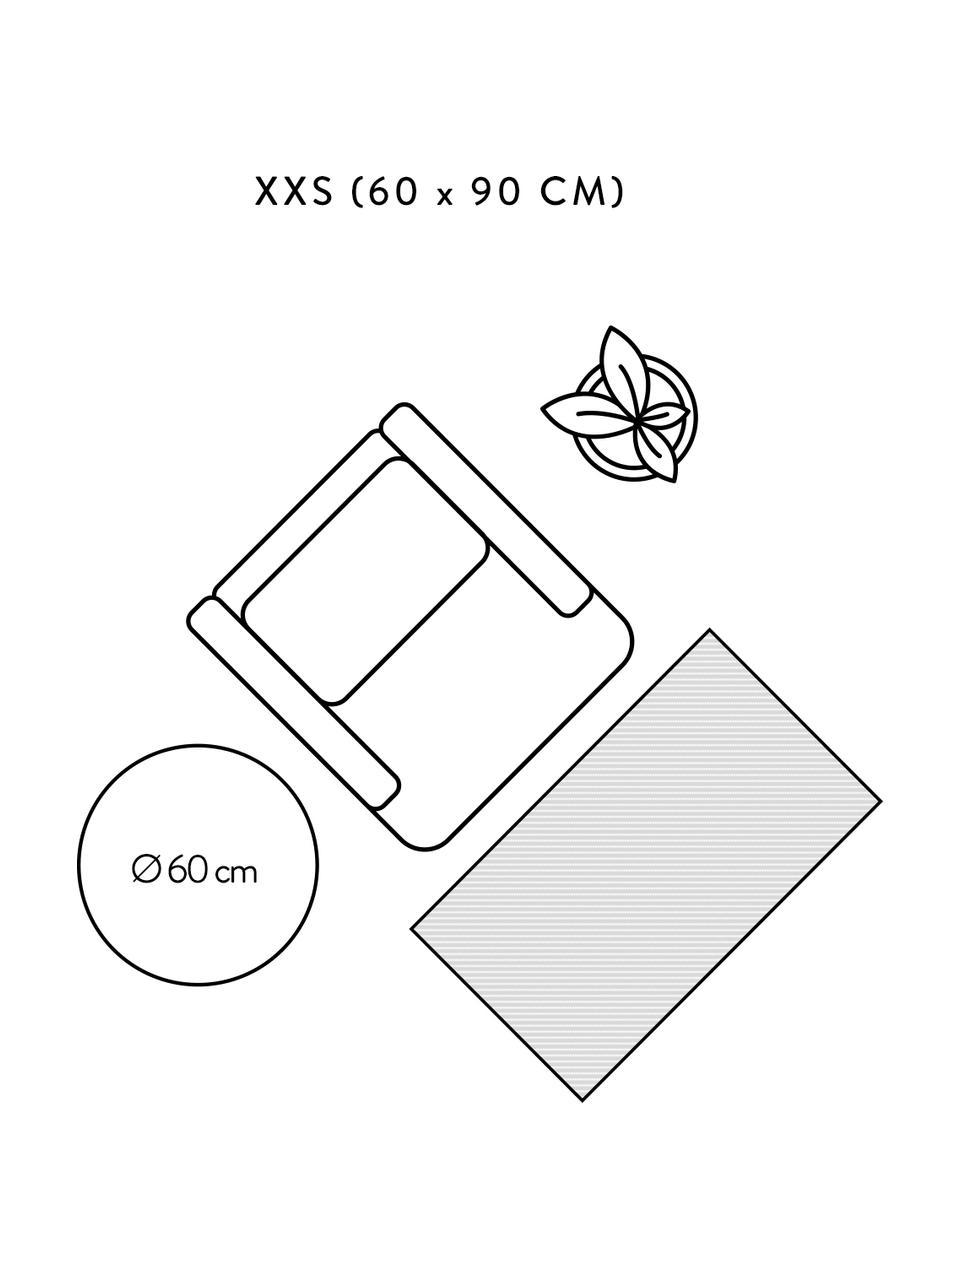 Boho Baumwollteppich Boa mit Hoch-Tief-Muster in Schwarz/Weiß, 100% Baumwolle, Schwarz, Weiß, B 150 x L 200 cm (Größe S)